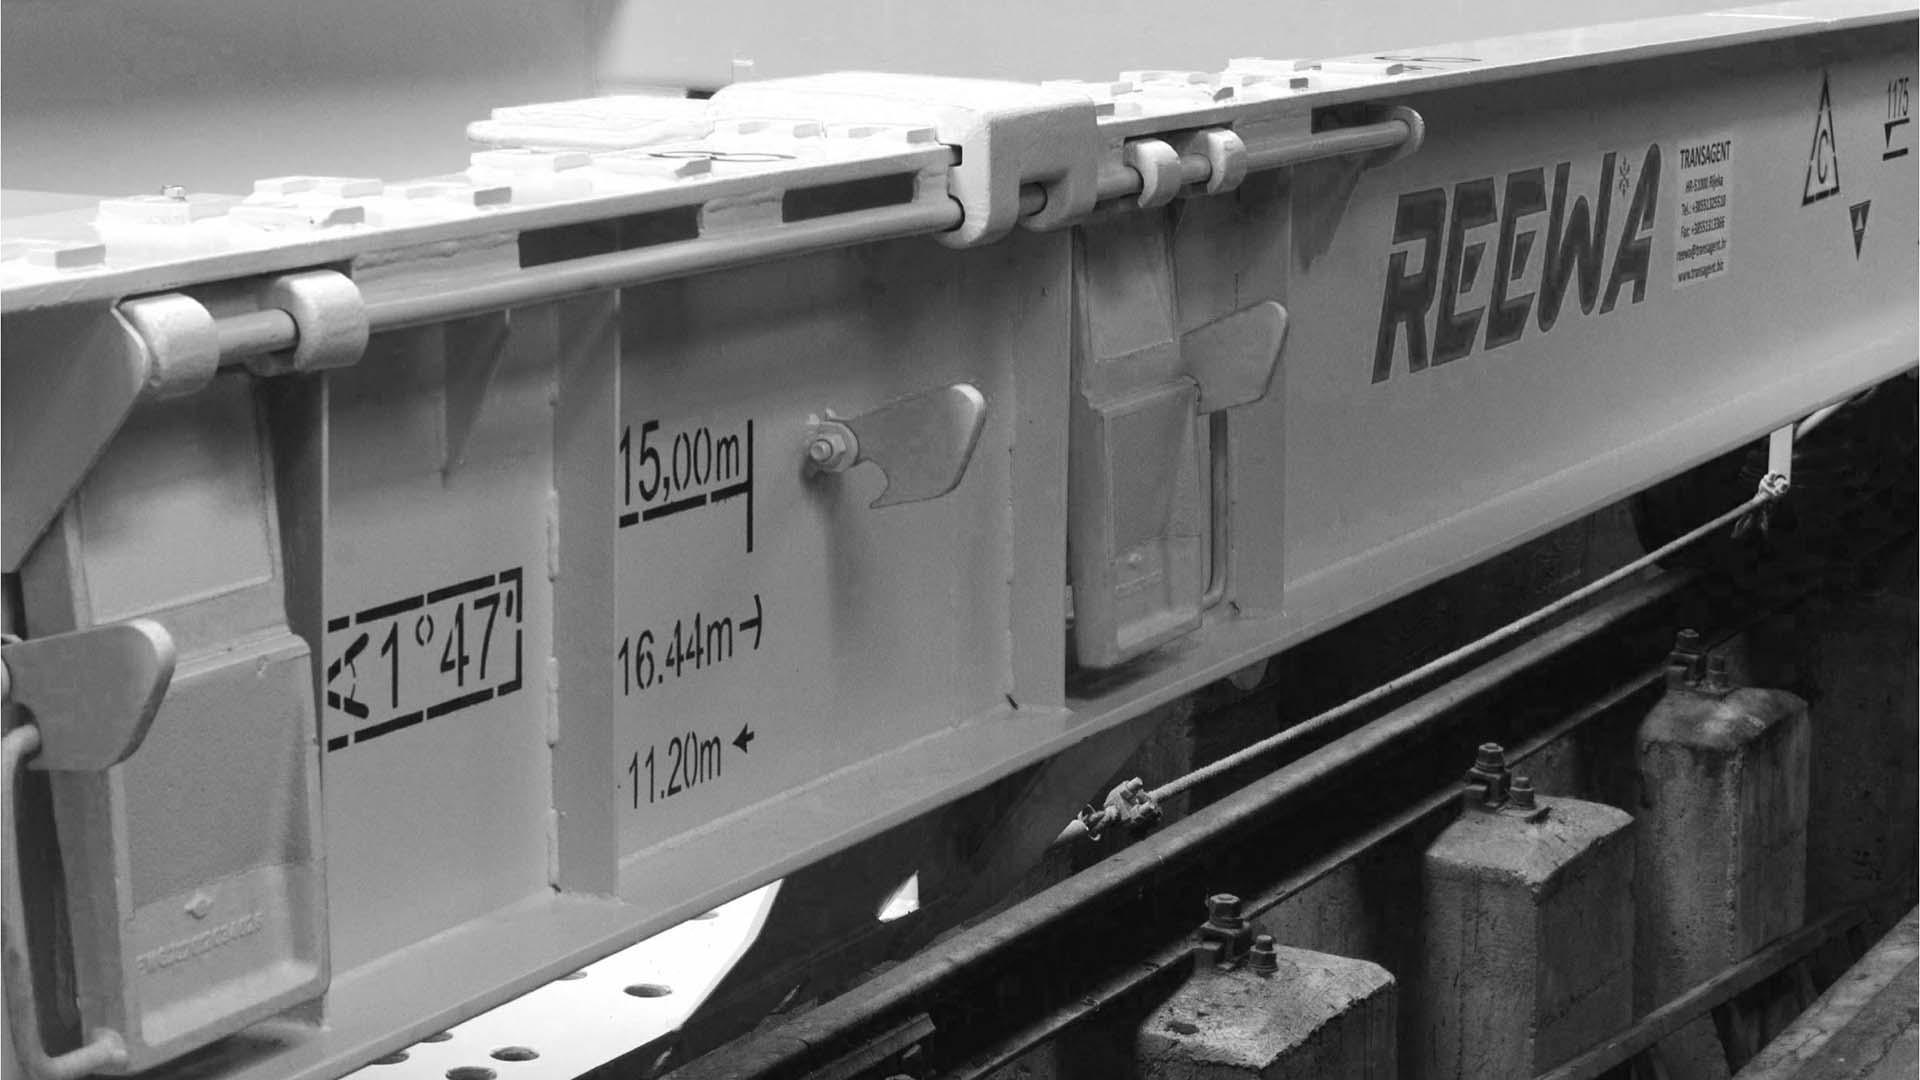 reewa wagon 4